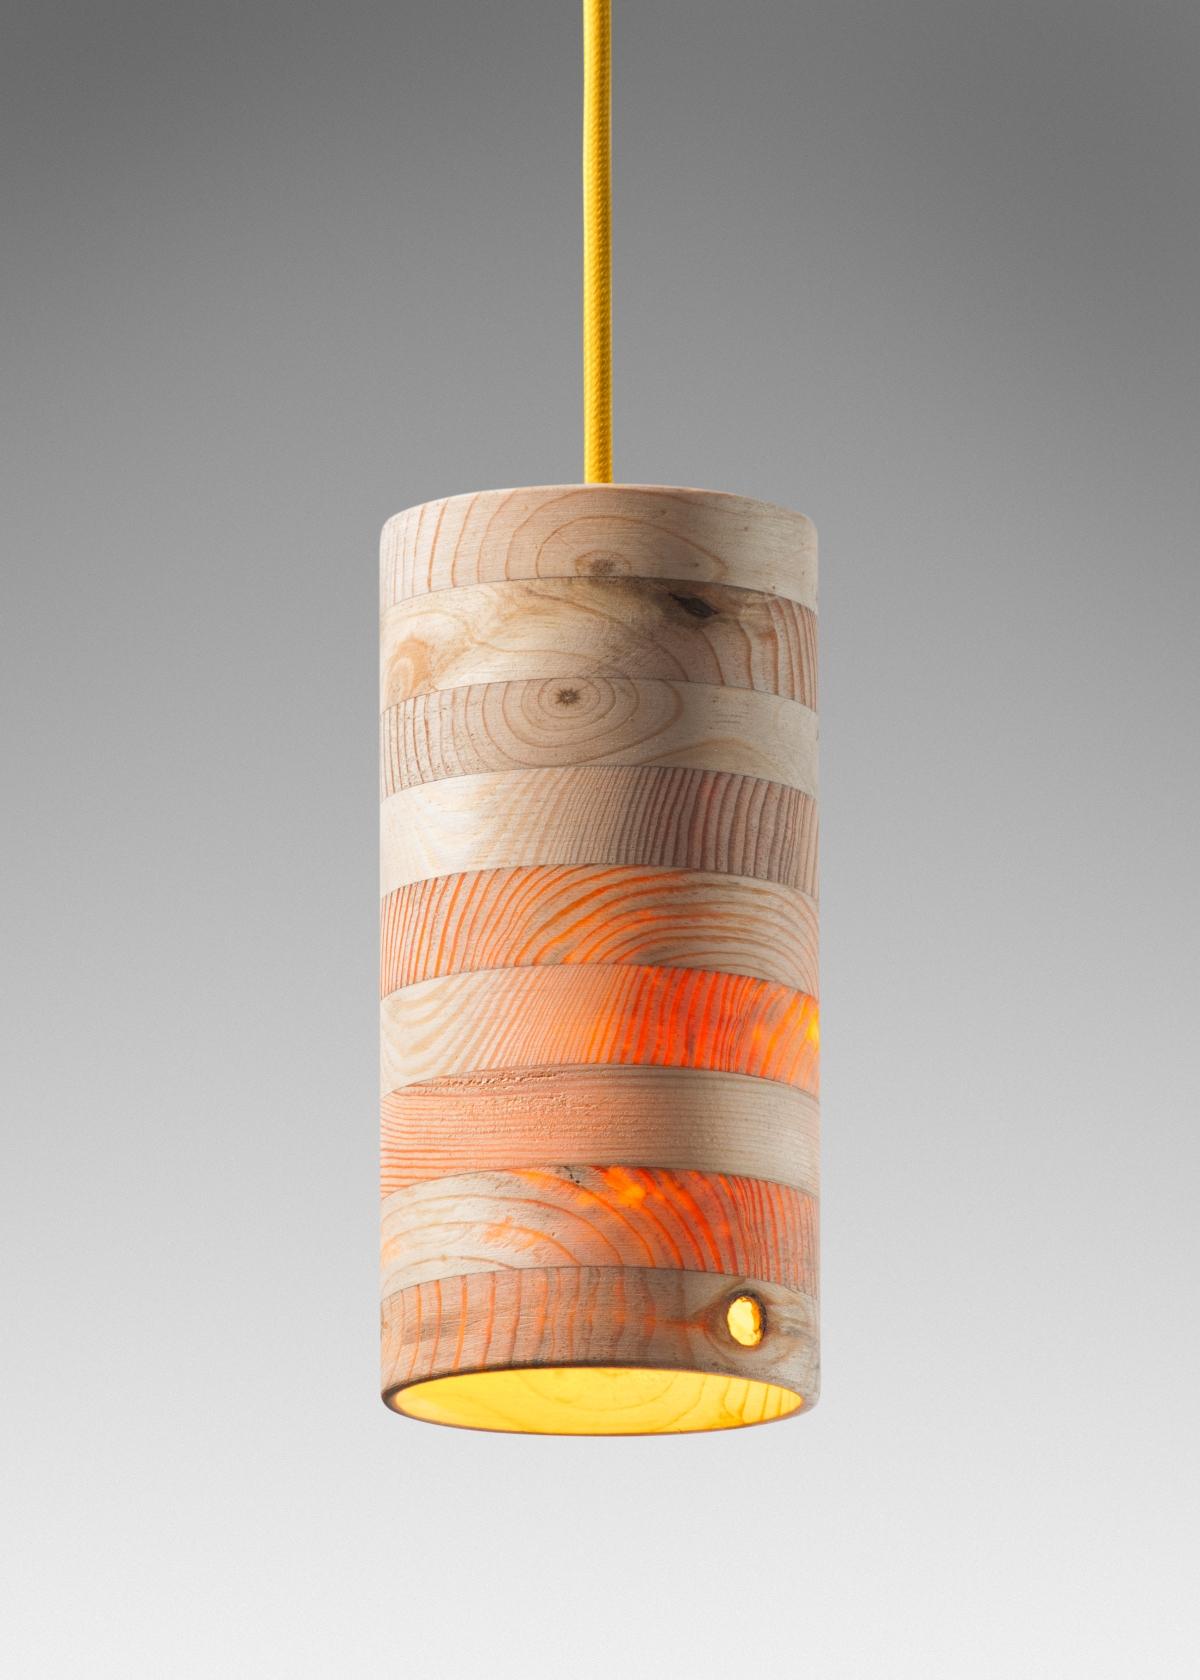 灯的设计使温暖的光线穿过木头。